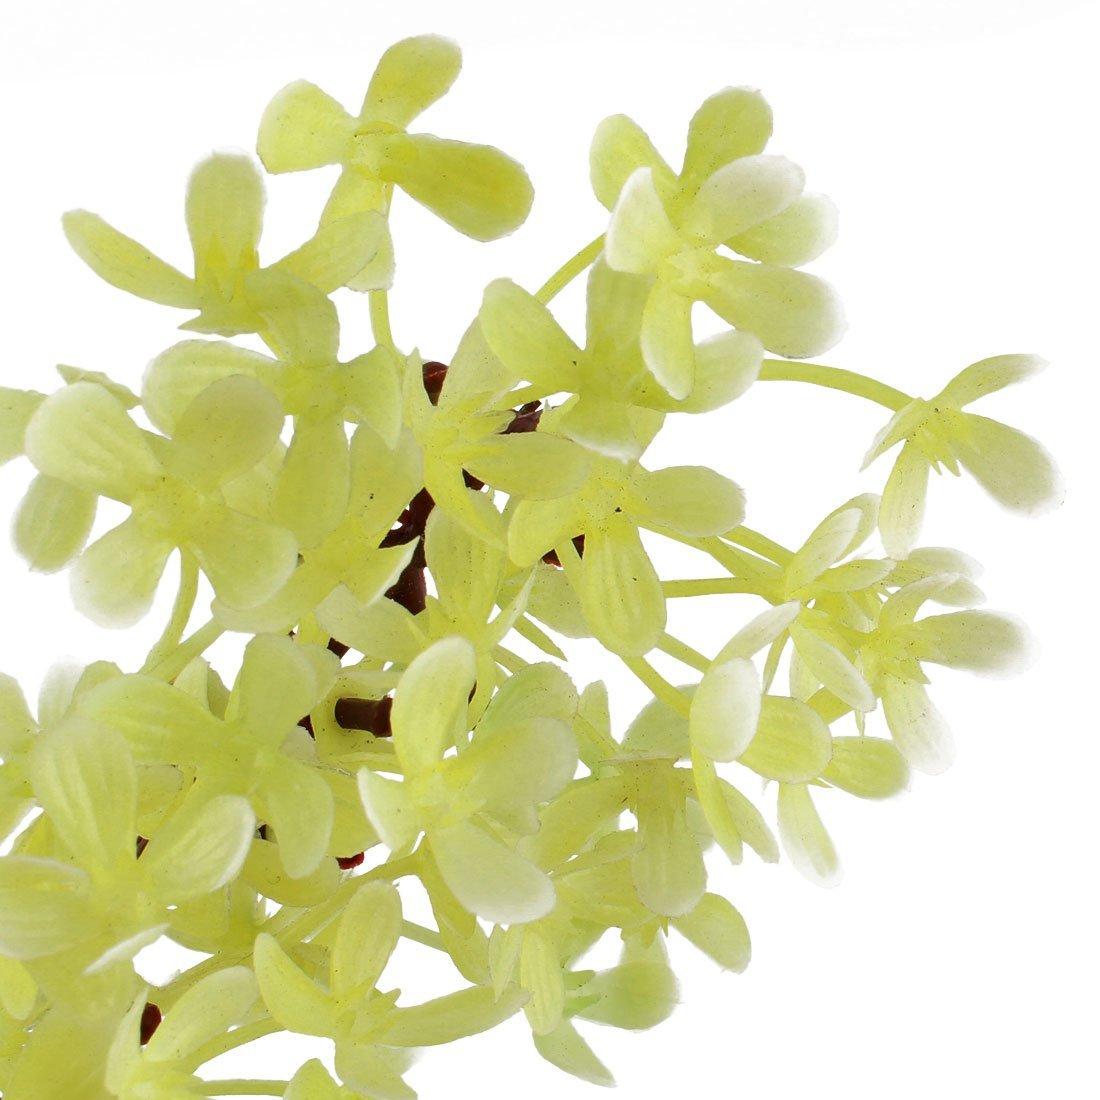 Amazon.com : eDealMax acuario de plástico Hoja de imitar Hierba Planta de algas Marinas Aquascape decoración 6pcs : Pet Supplies